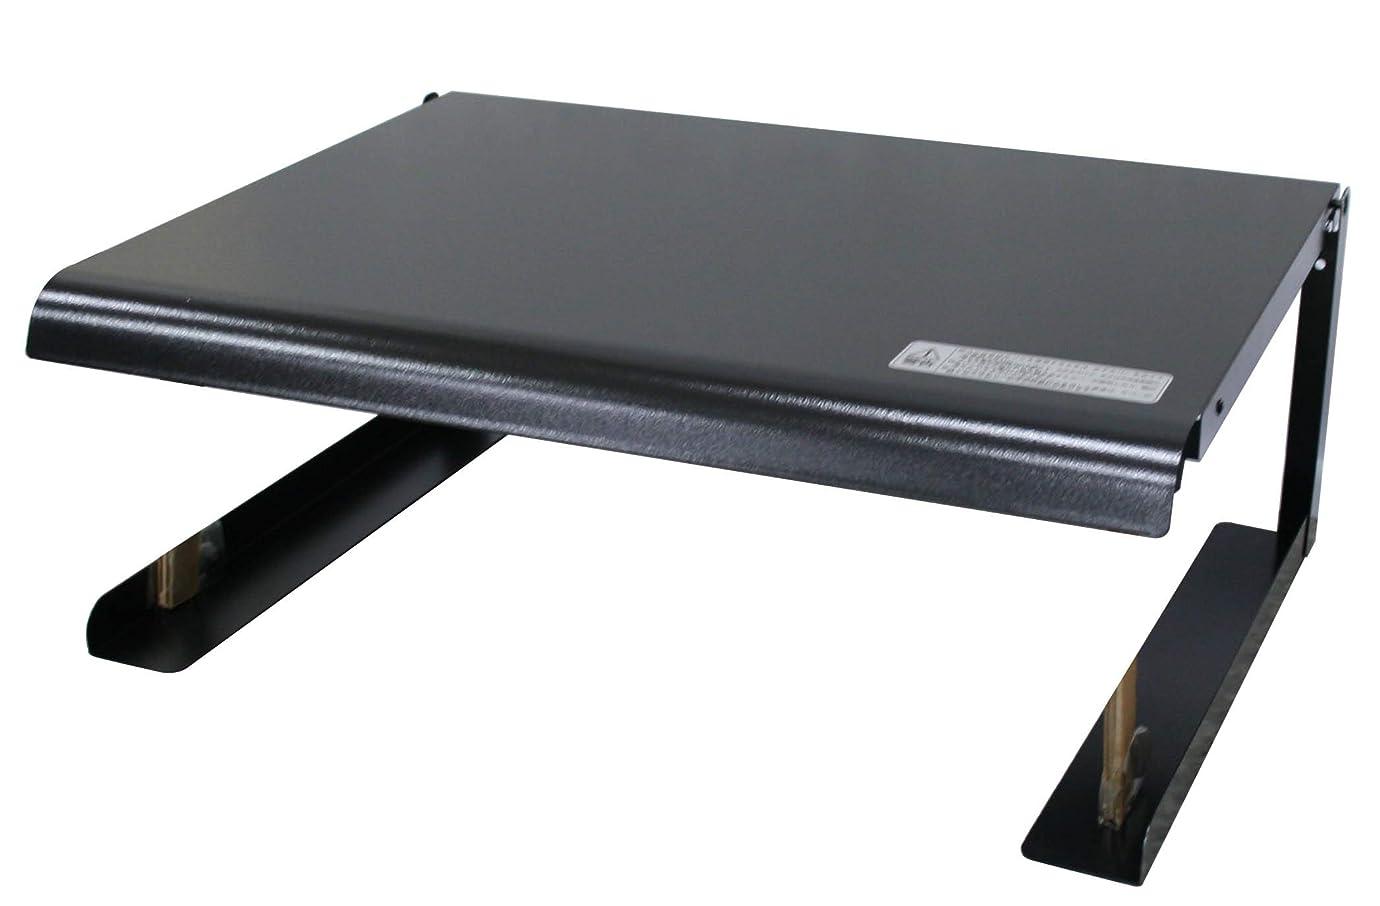 上陸関連する評価池永鉄工 ガスコンロカバー ブラック サイズ:595×430×50mm IK-10B